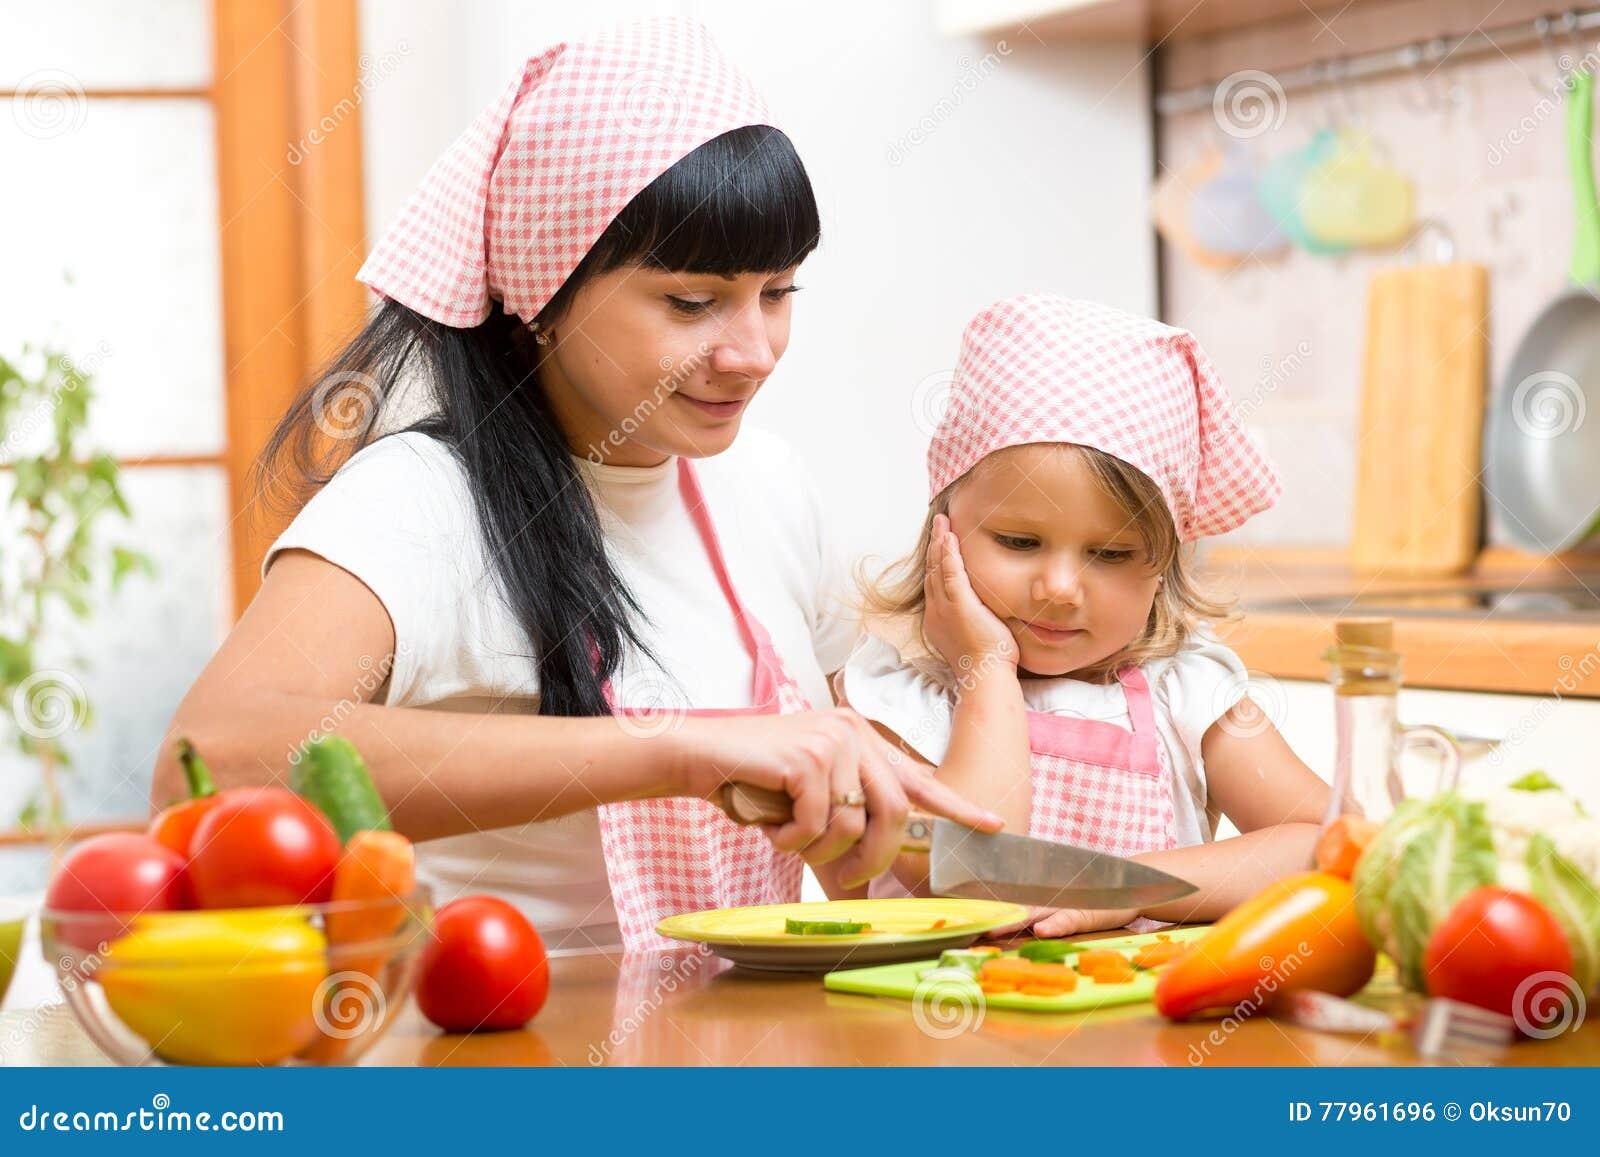 Enfant de enseignement de mère faisant la salade dans la cuisine Maman et enfant coupant le légume sur la planche à découper avec